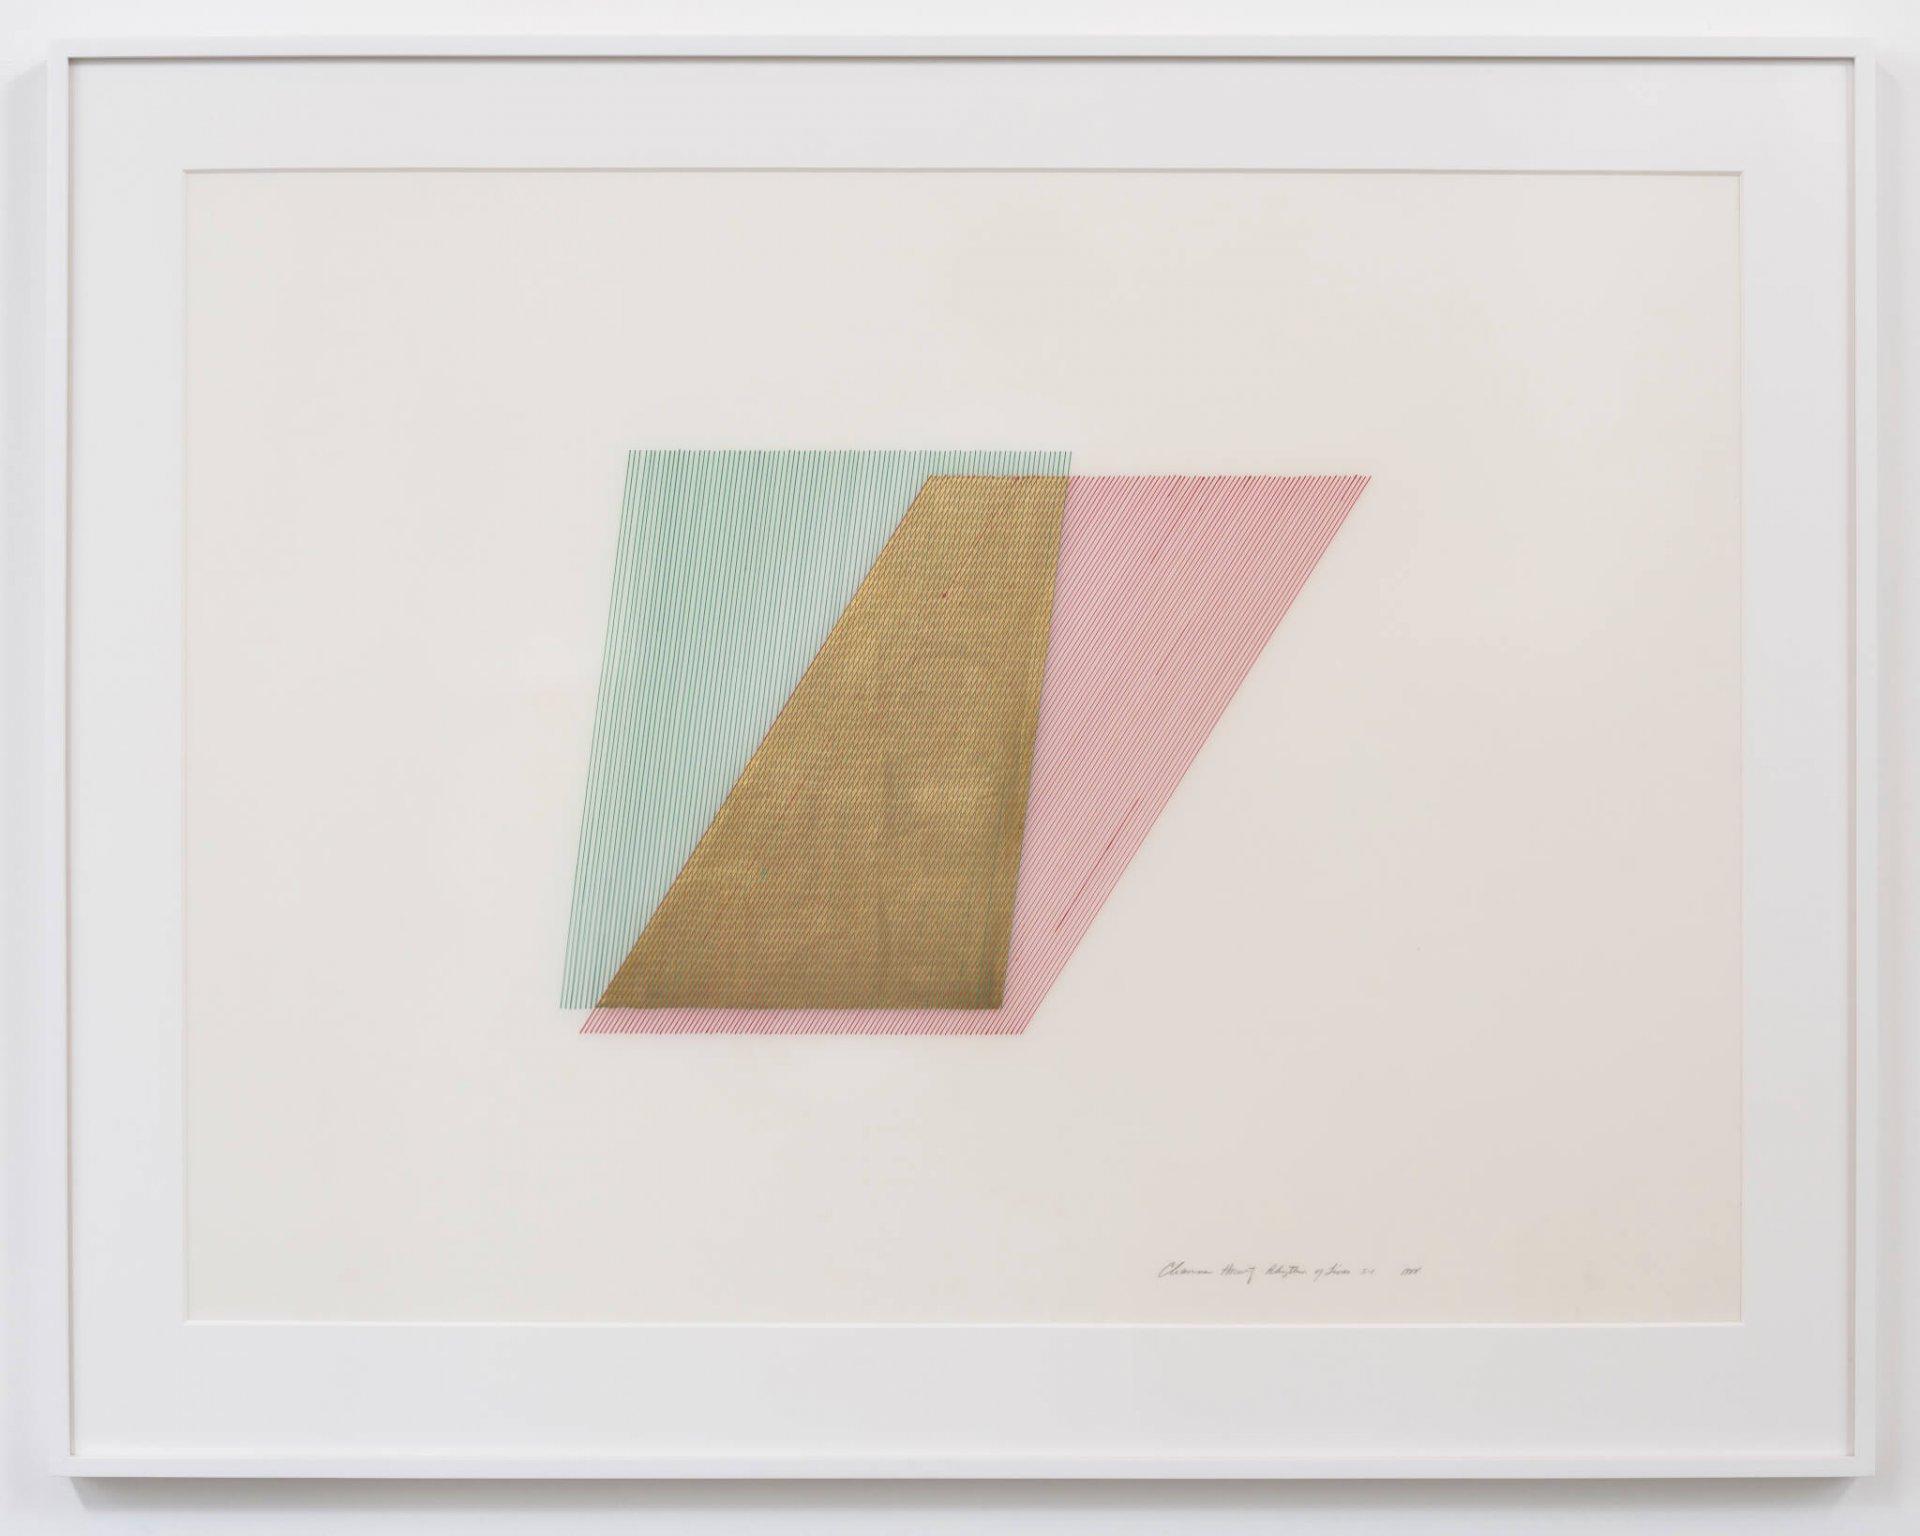 Horwitz, Rhythm of Lines 5-1, 1988 (CH 88.002)(#427)